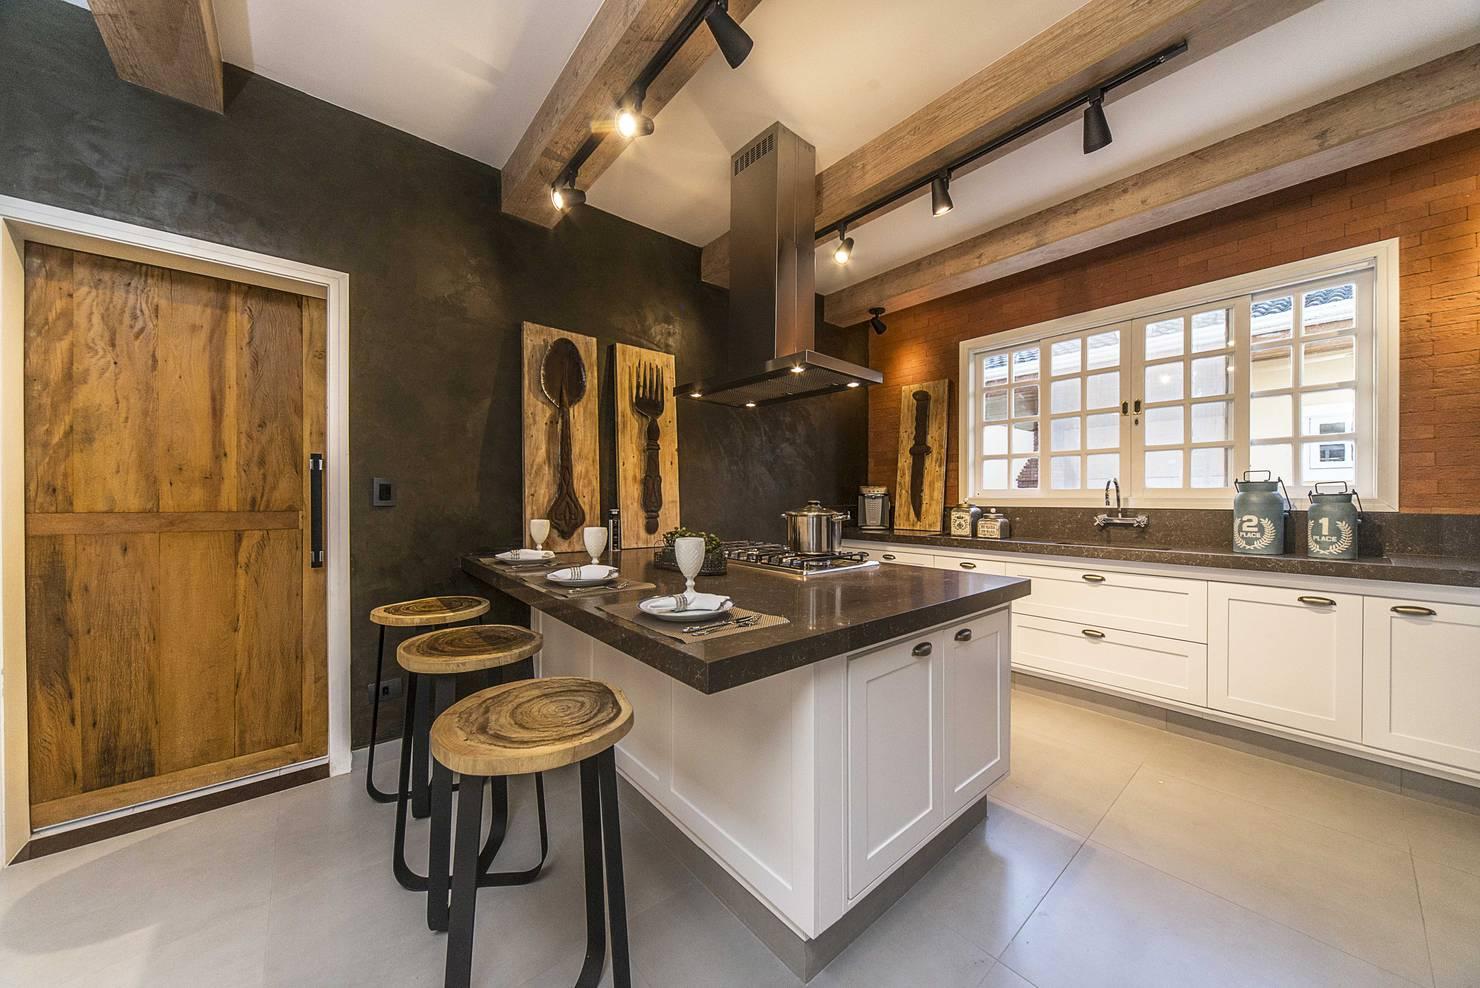 9 unglaubliche Küchen für kleine und große Häuser